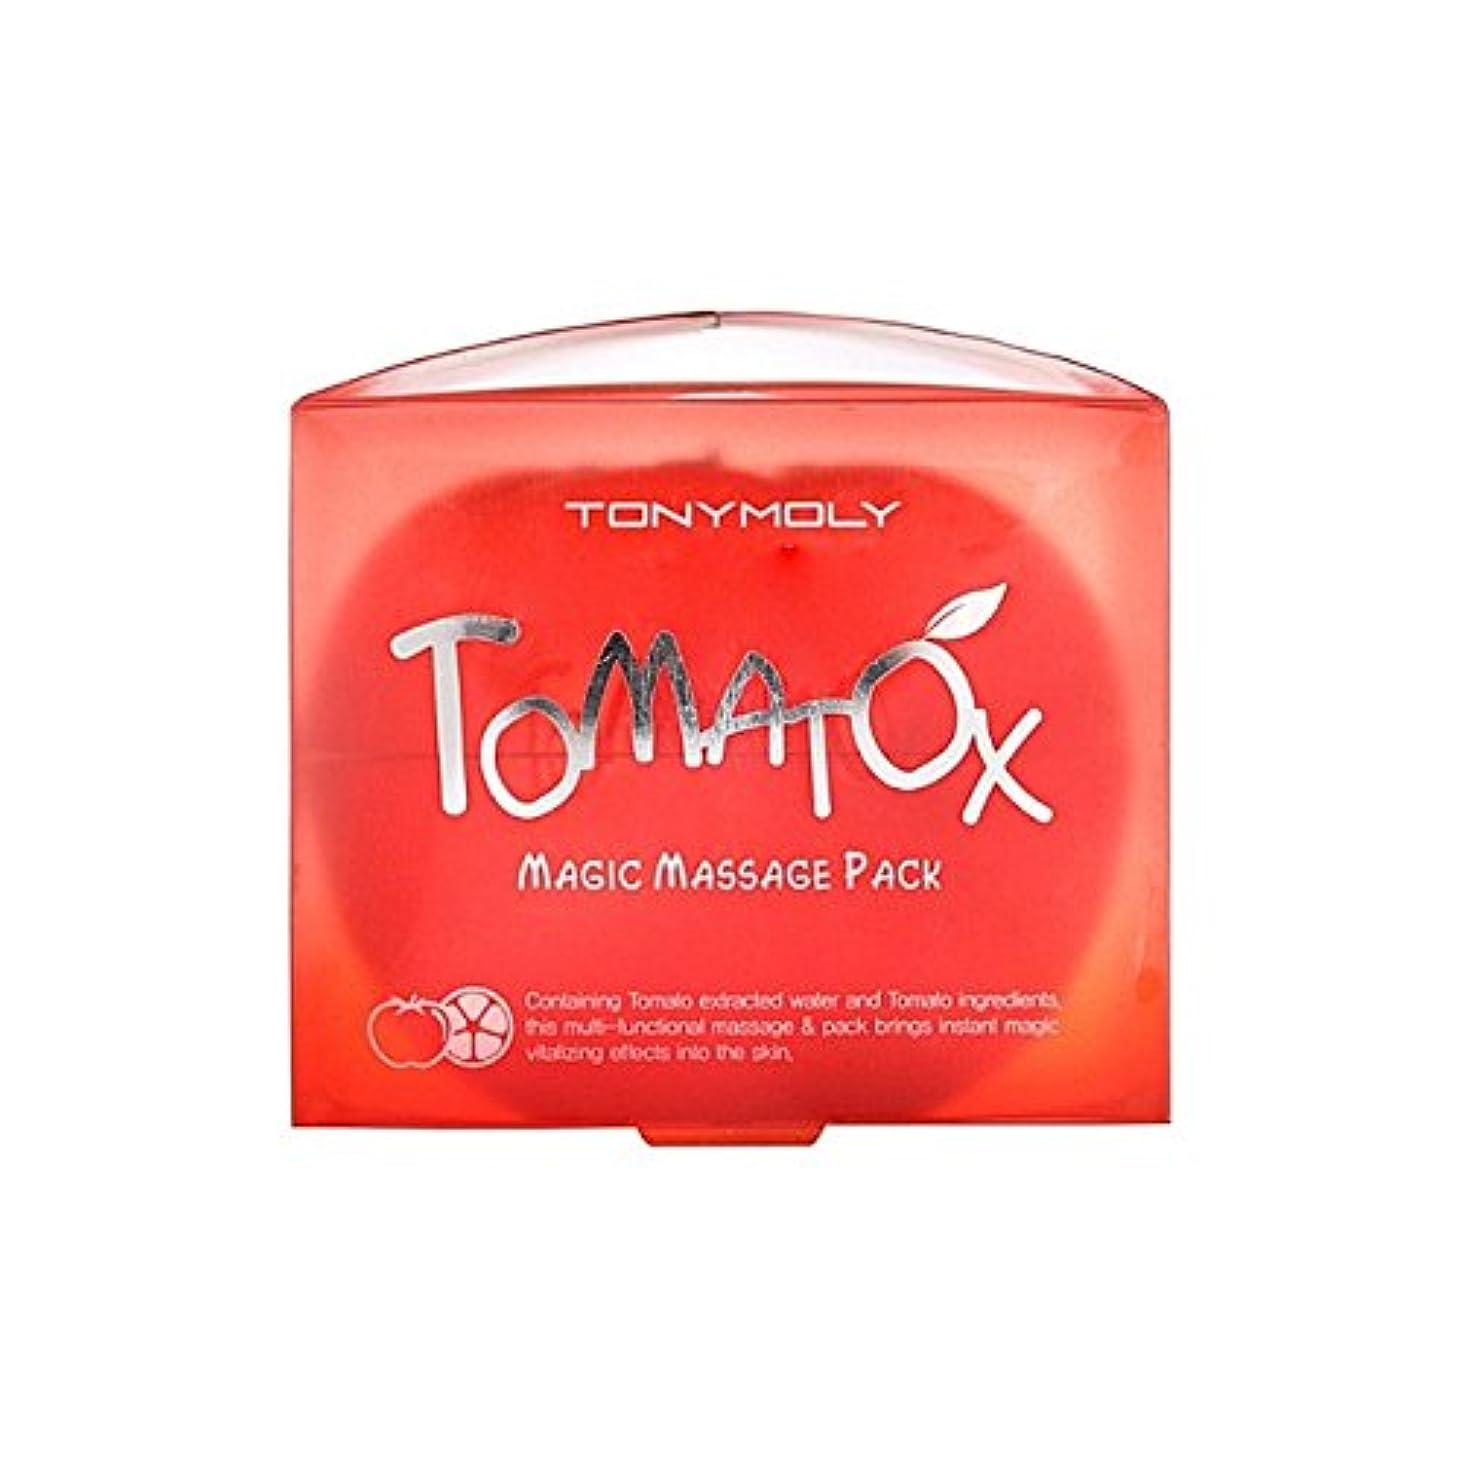 自宅で甘美な着替えるトニーモリー魔法マッサージパック80グラム x2 - Tony Moly Tomatox Magic Massage Pack 80G (Pack of 2) [並行輸入品]